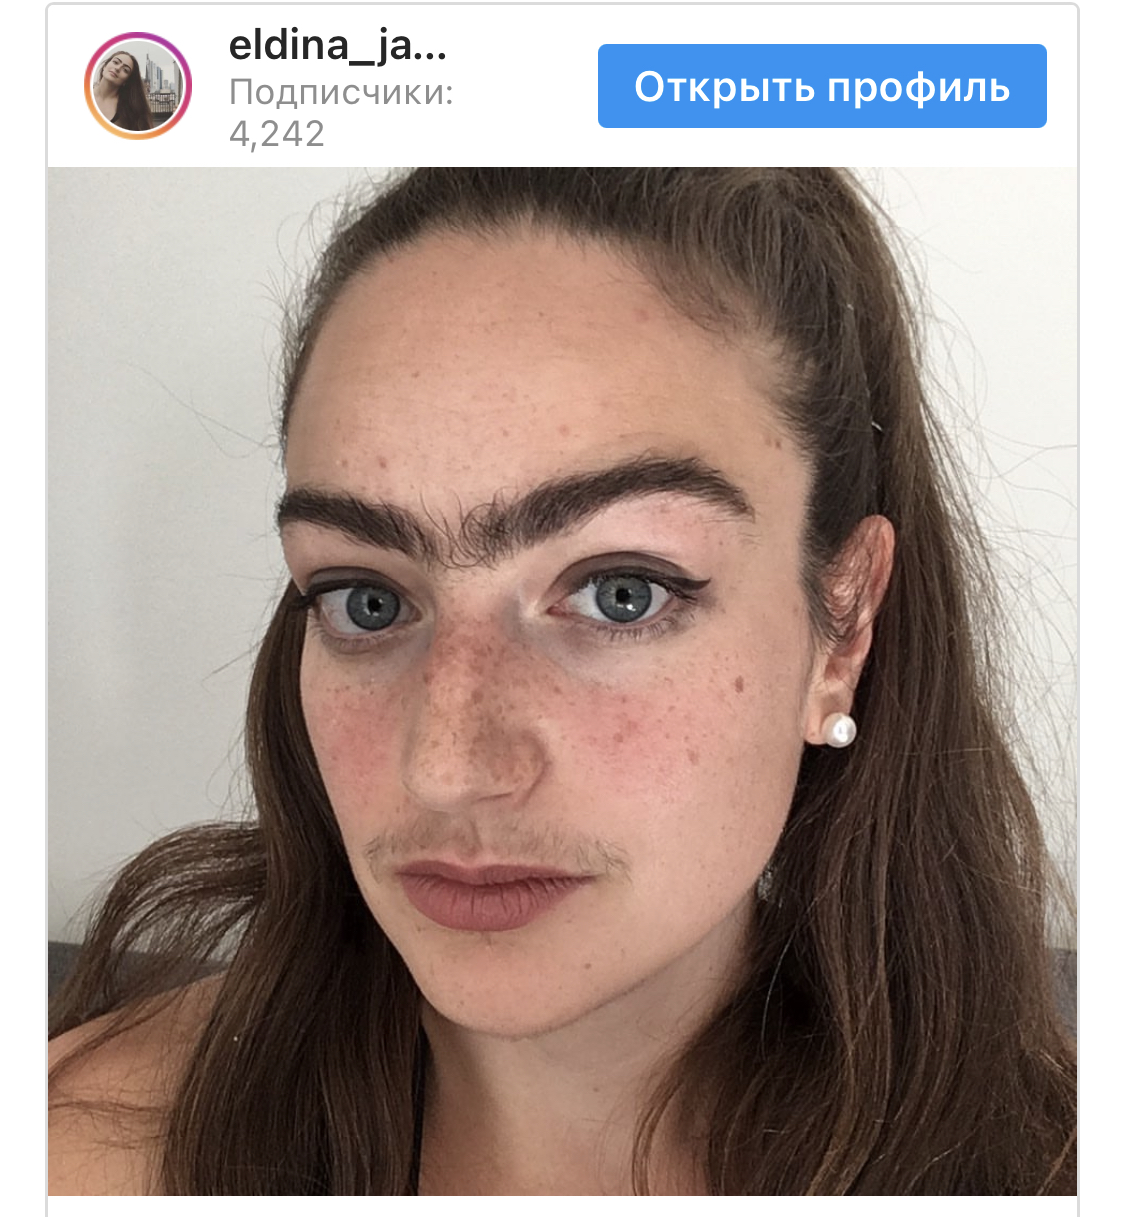 Женщина перестала сбривать усы и выщипывать брови ради большей уверенности в себе